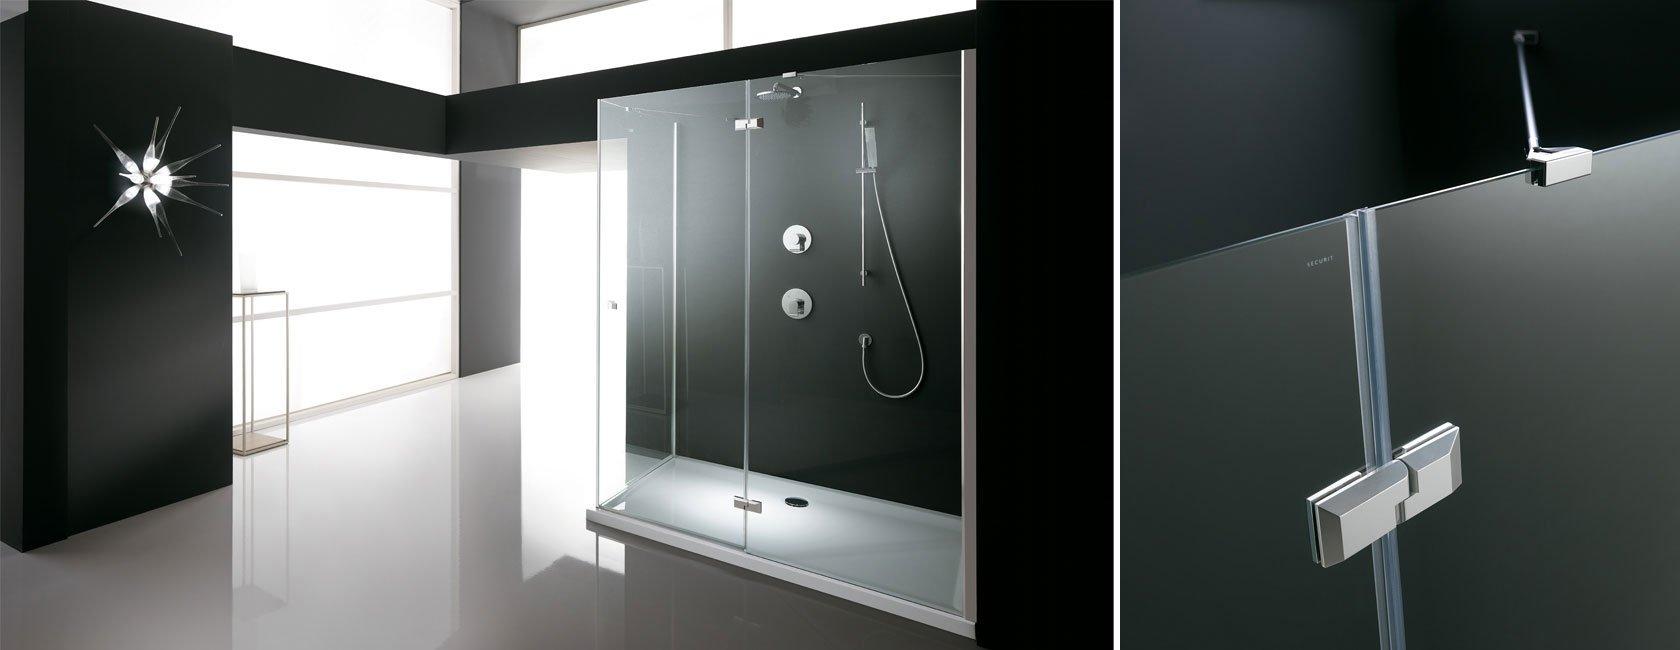 Vasca Da Bagno Subito : Arredare il bagno in stile moderno tutti gli errori da evitare